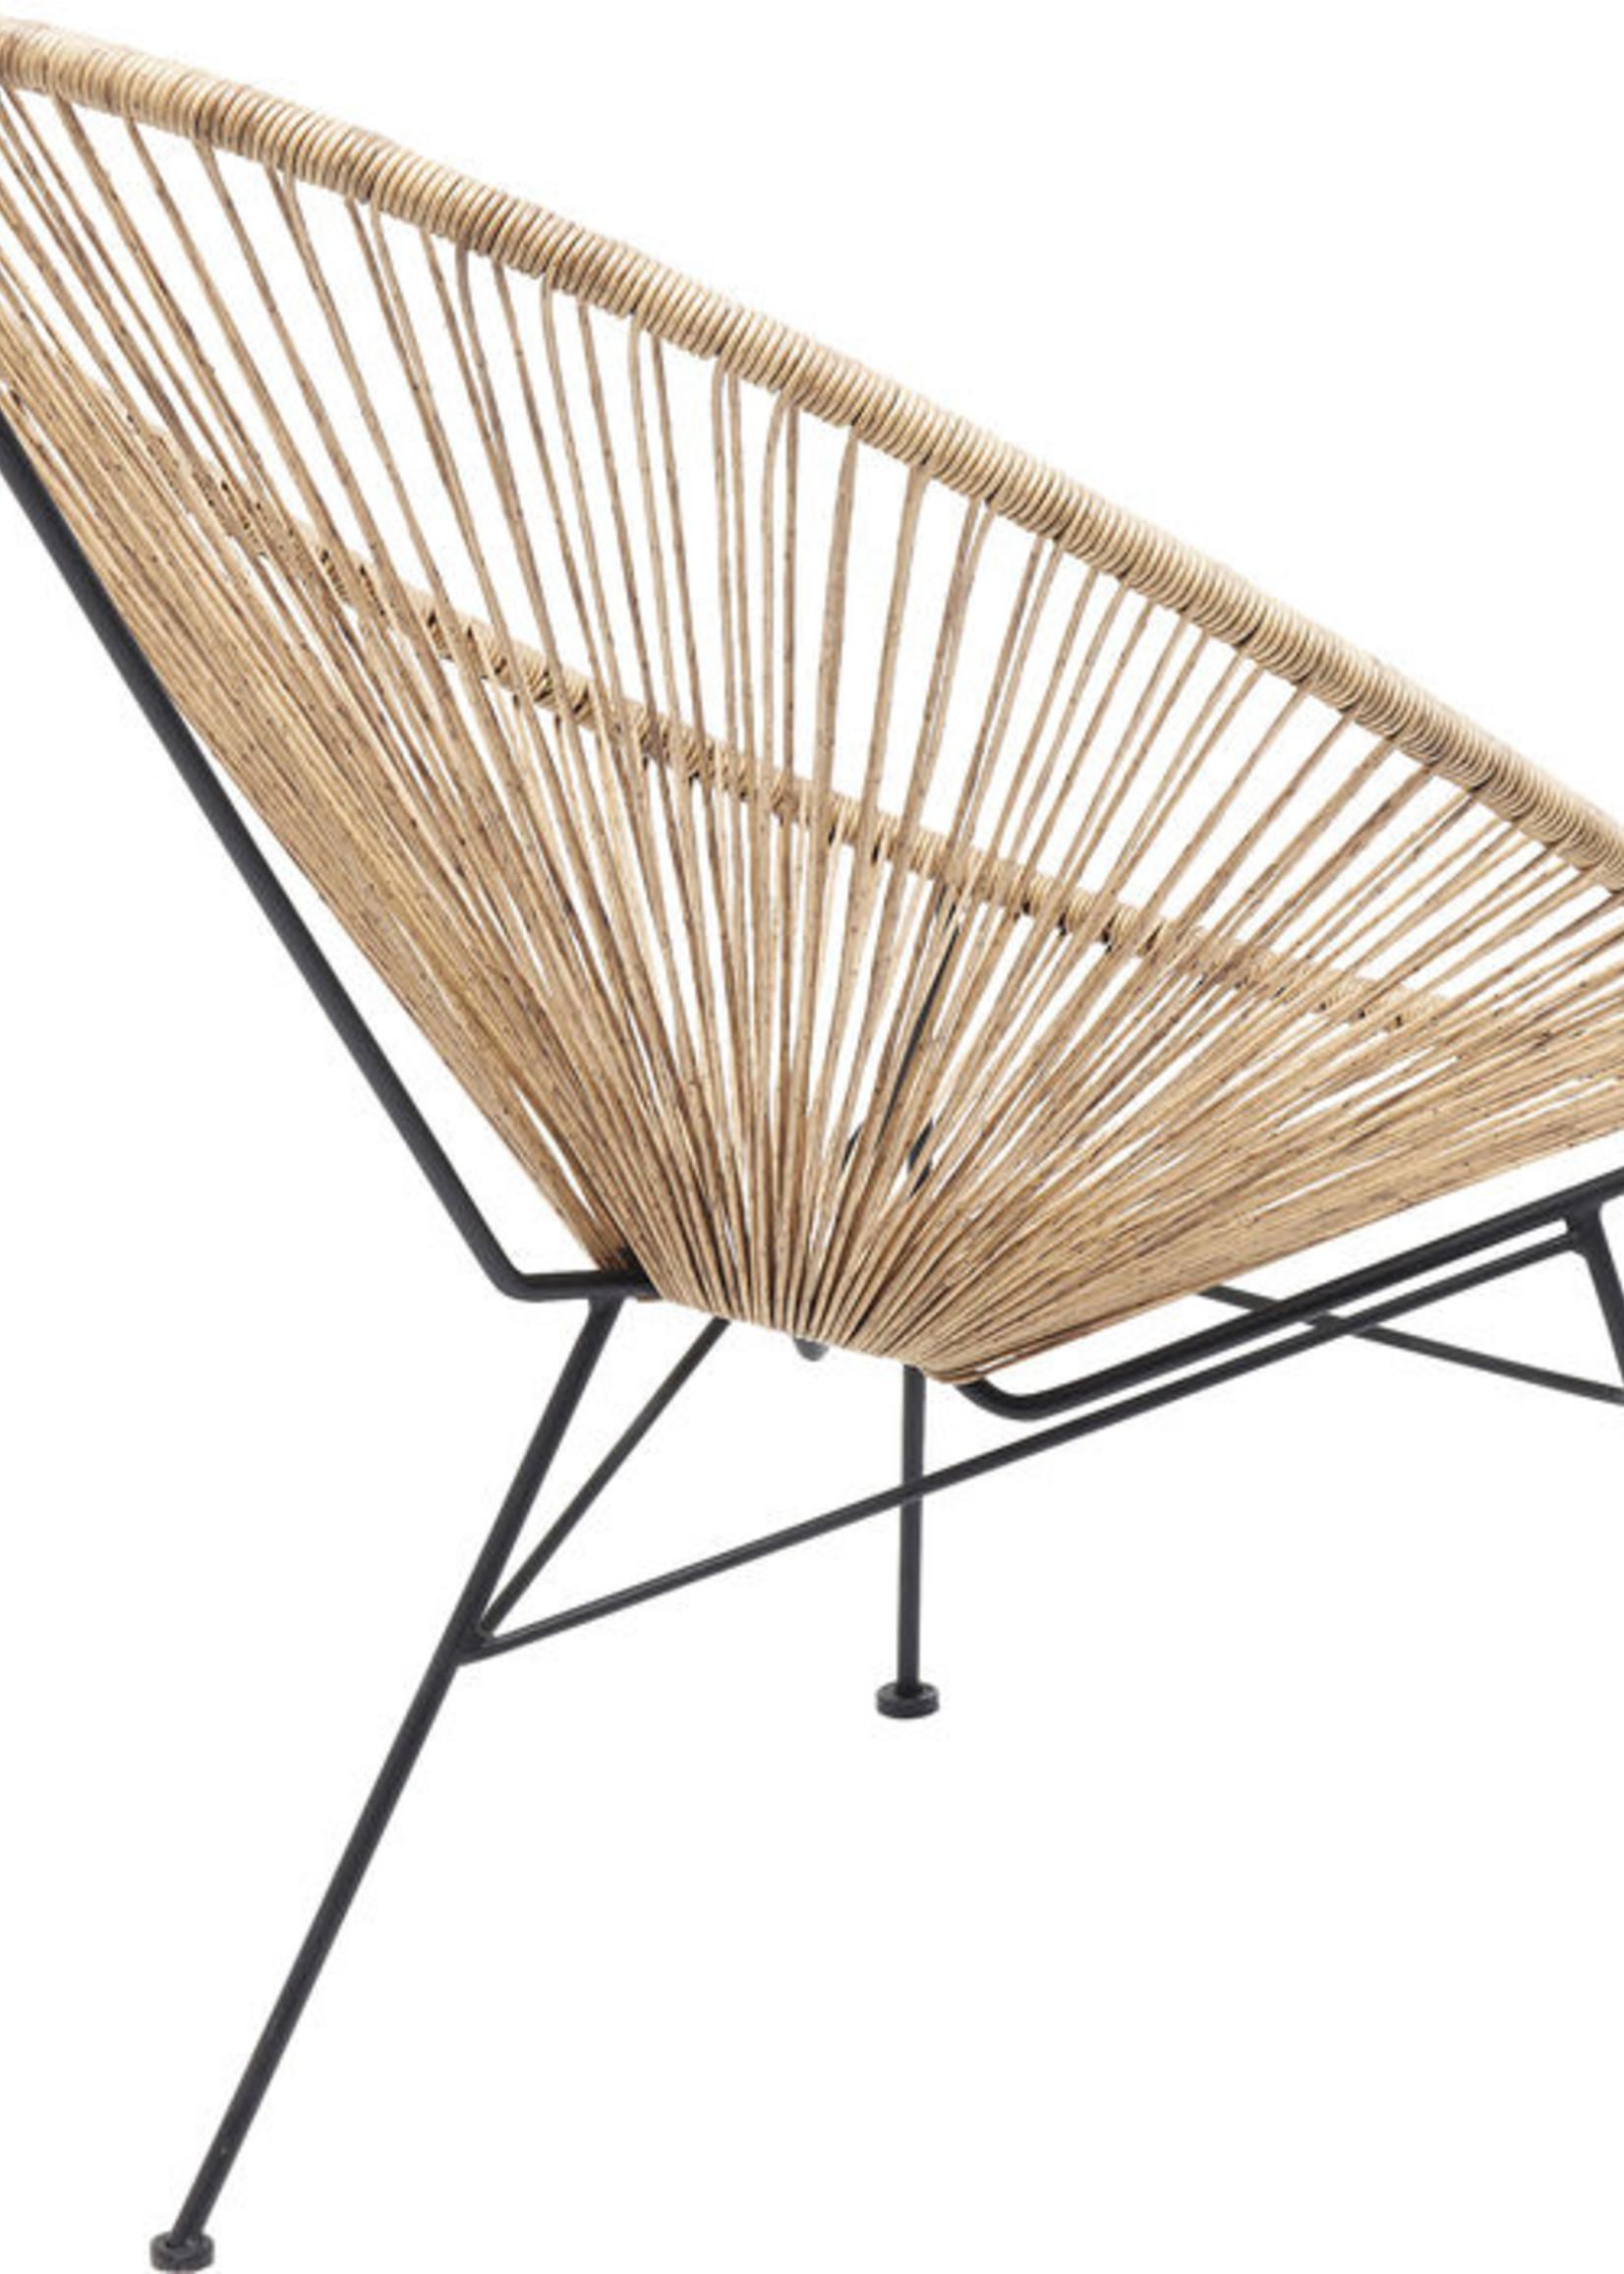 KARE DESIGN Arm Chair Spaghetti Nature